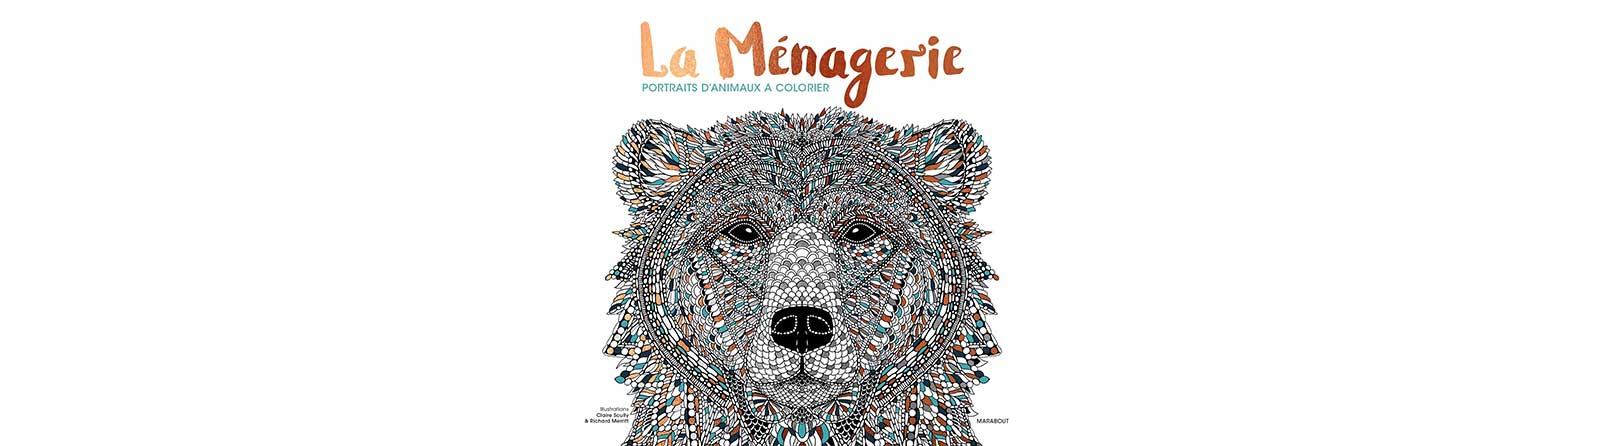 la-menagerie-portrait-danimaux-a-colorier-couverture